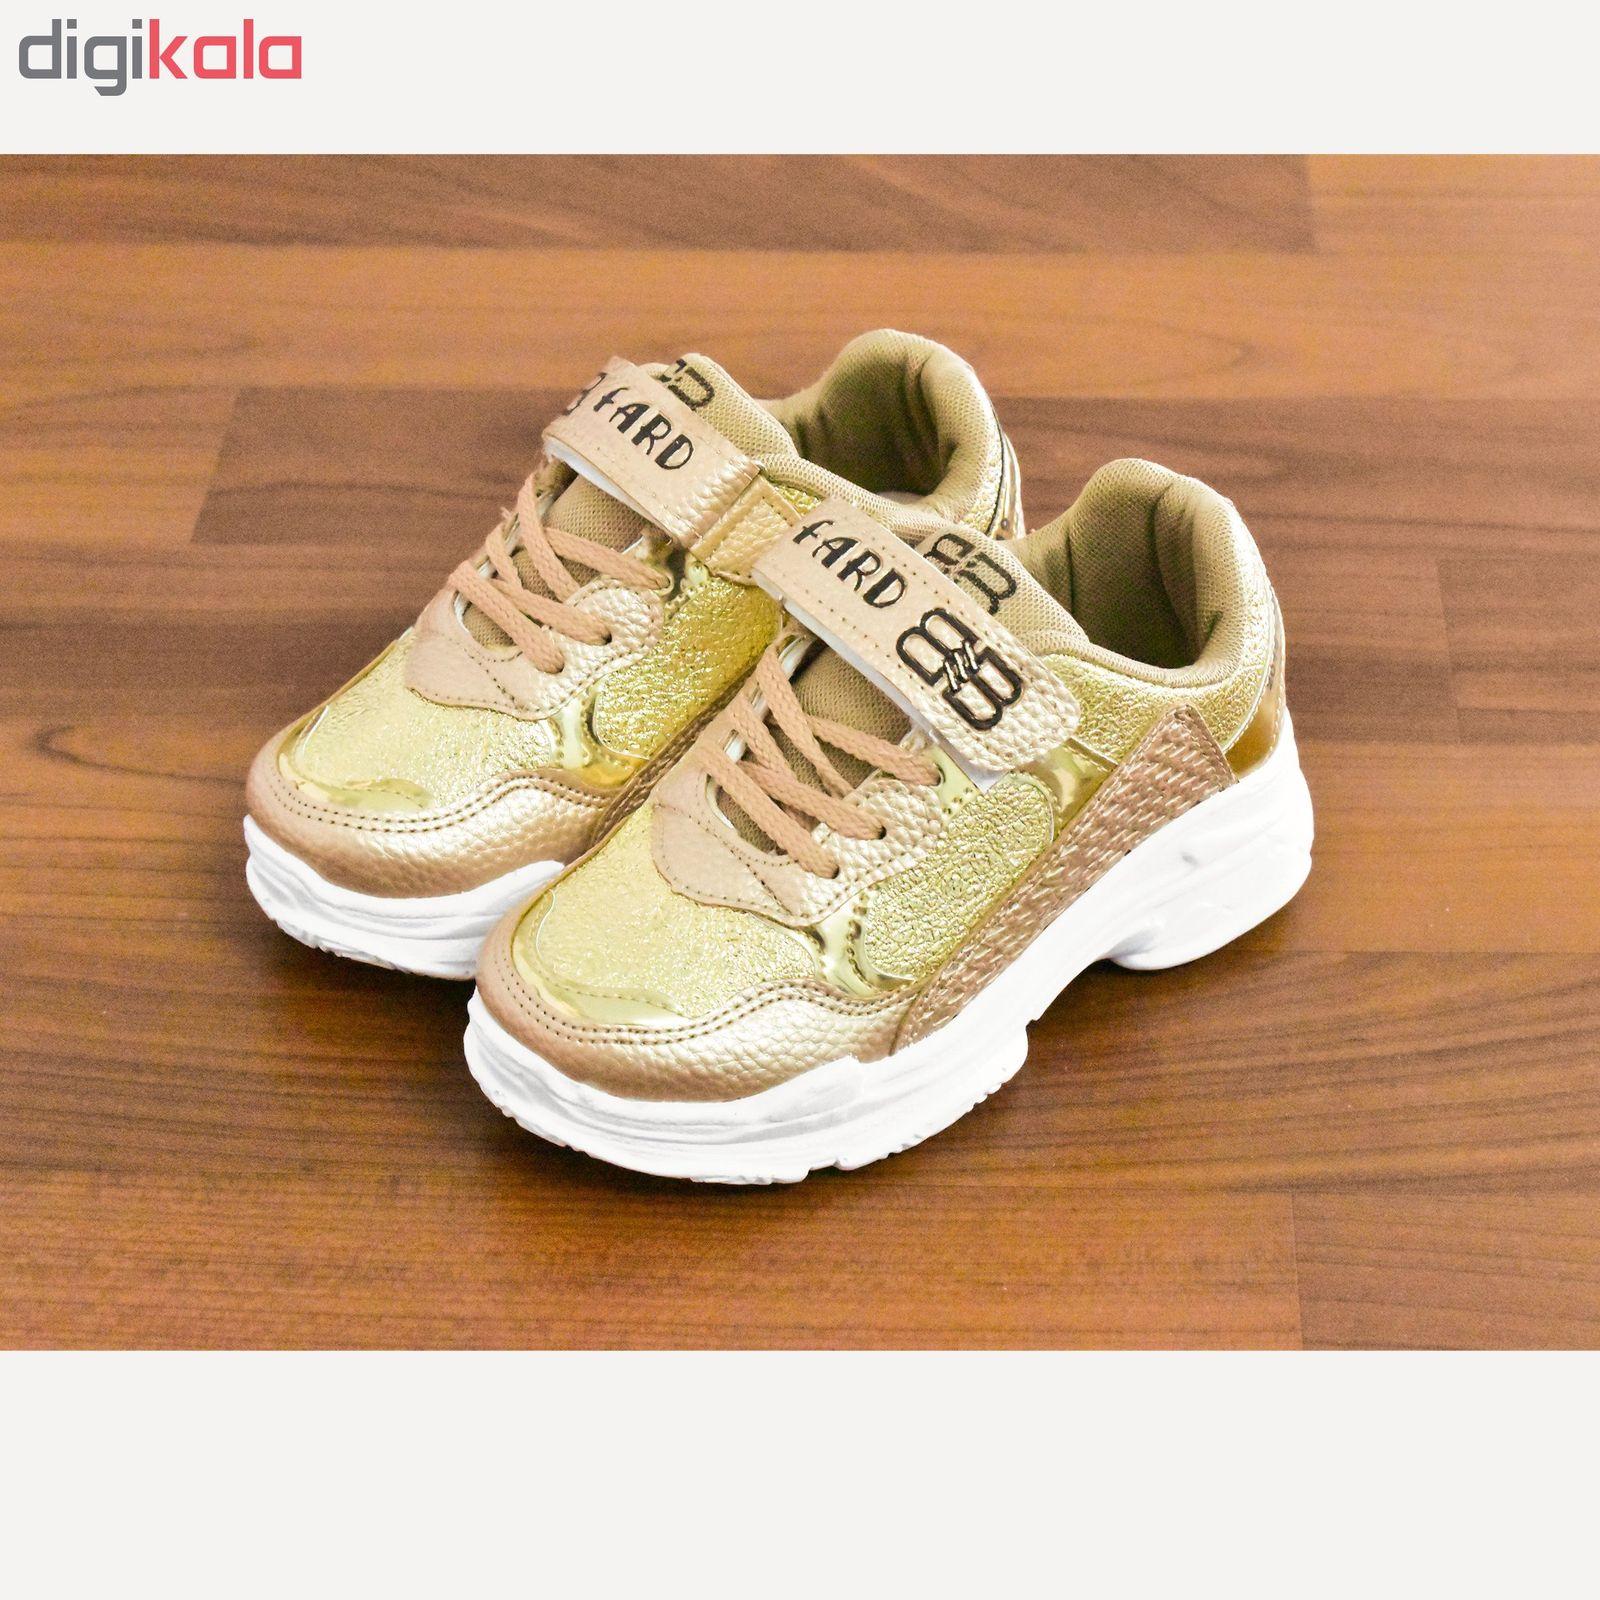 کفش راحتی دخترانه مدل بالی کد 4216 main 1 2